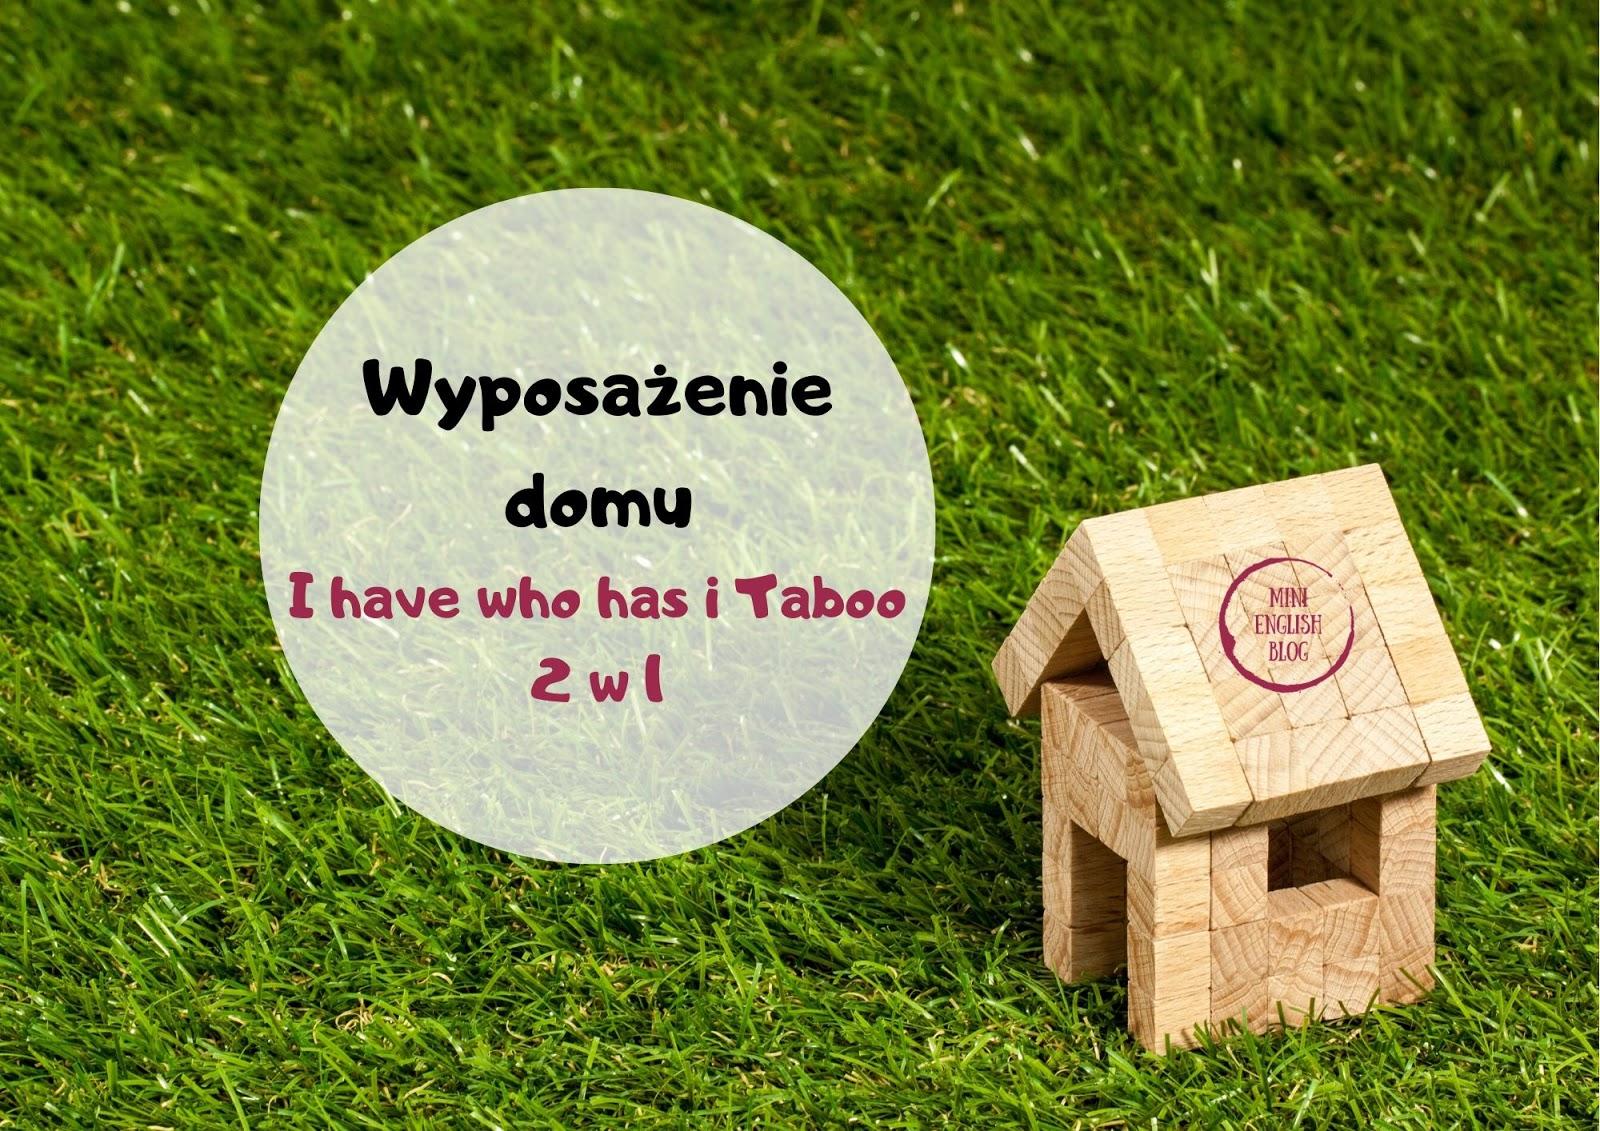 Wyposażenie domu - I have who has i Taboo 2 w 1